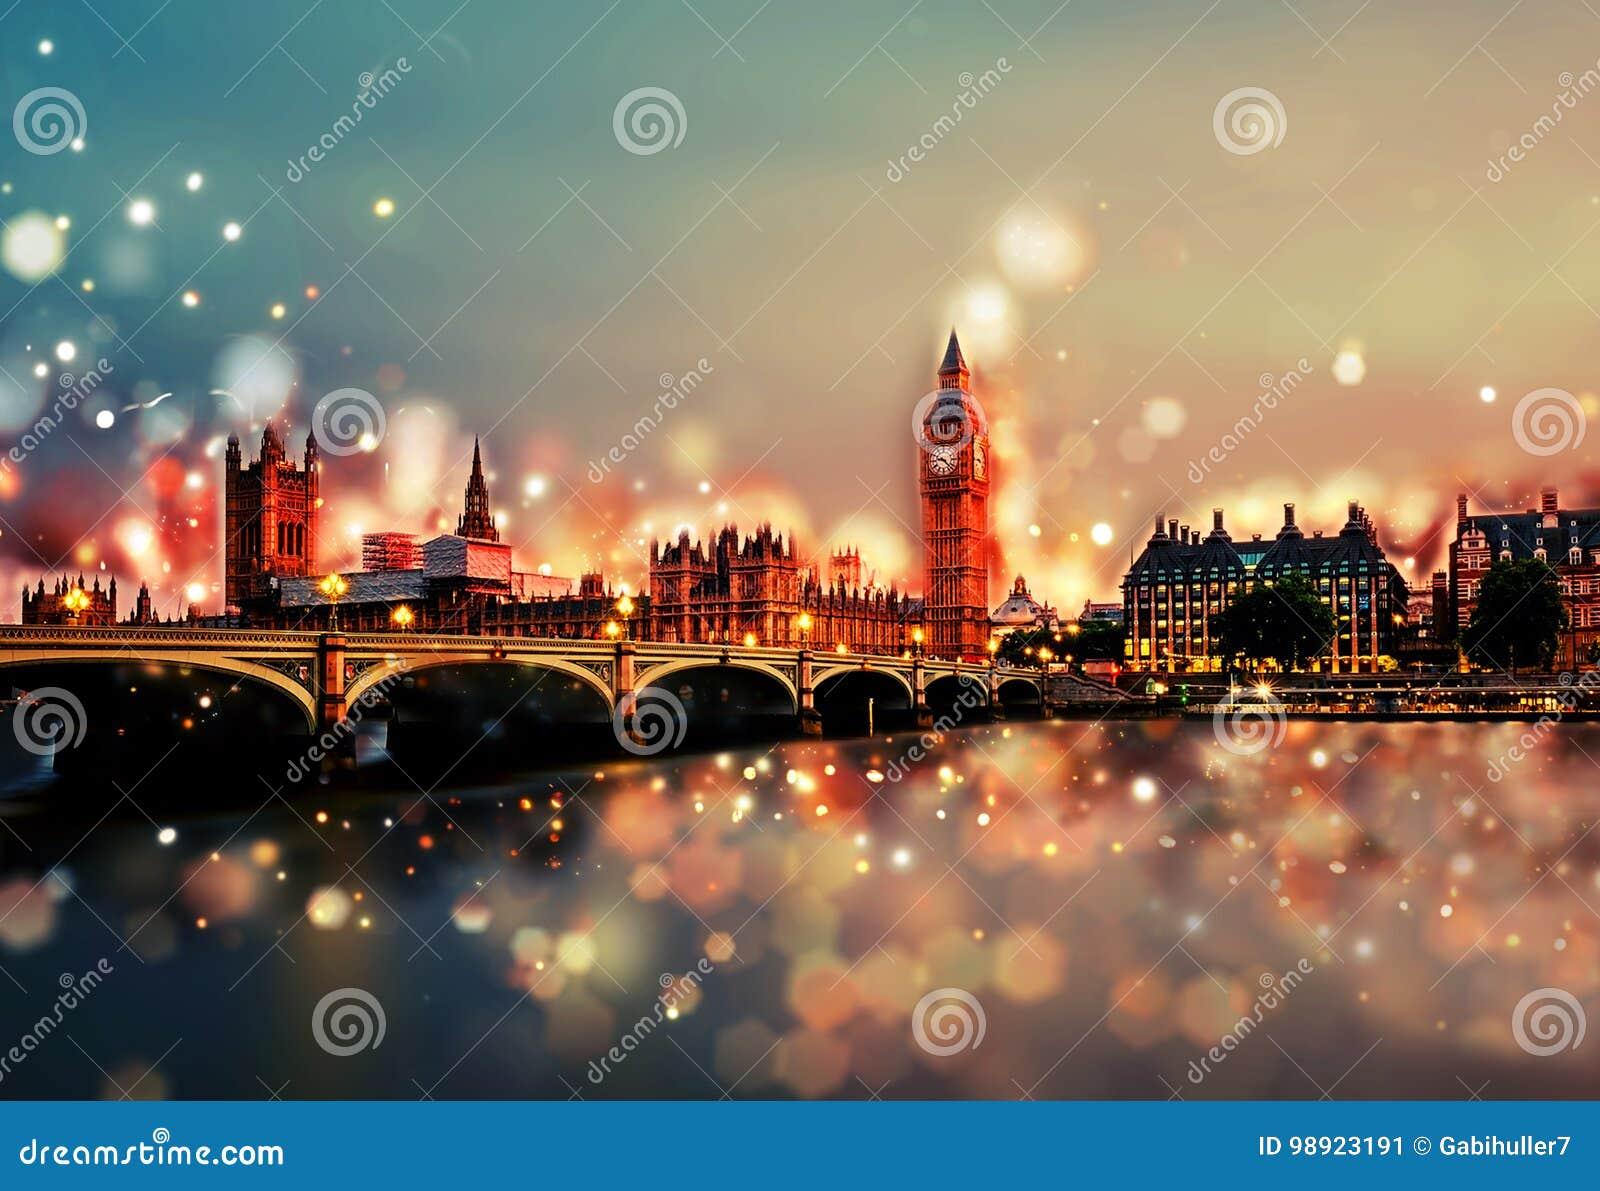 De stad van Londen  s nachts - Torenbrug, Big Ben, Zonsondergang - Bokeh, Lens flakkert, Cameraonduidelijk beeld